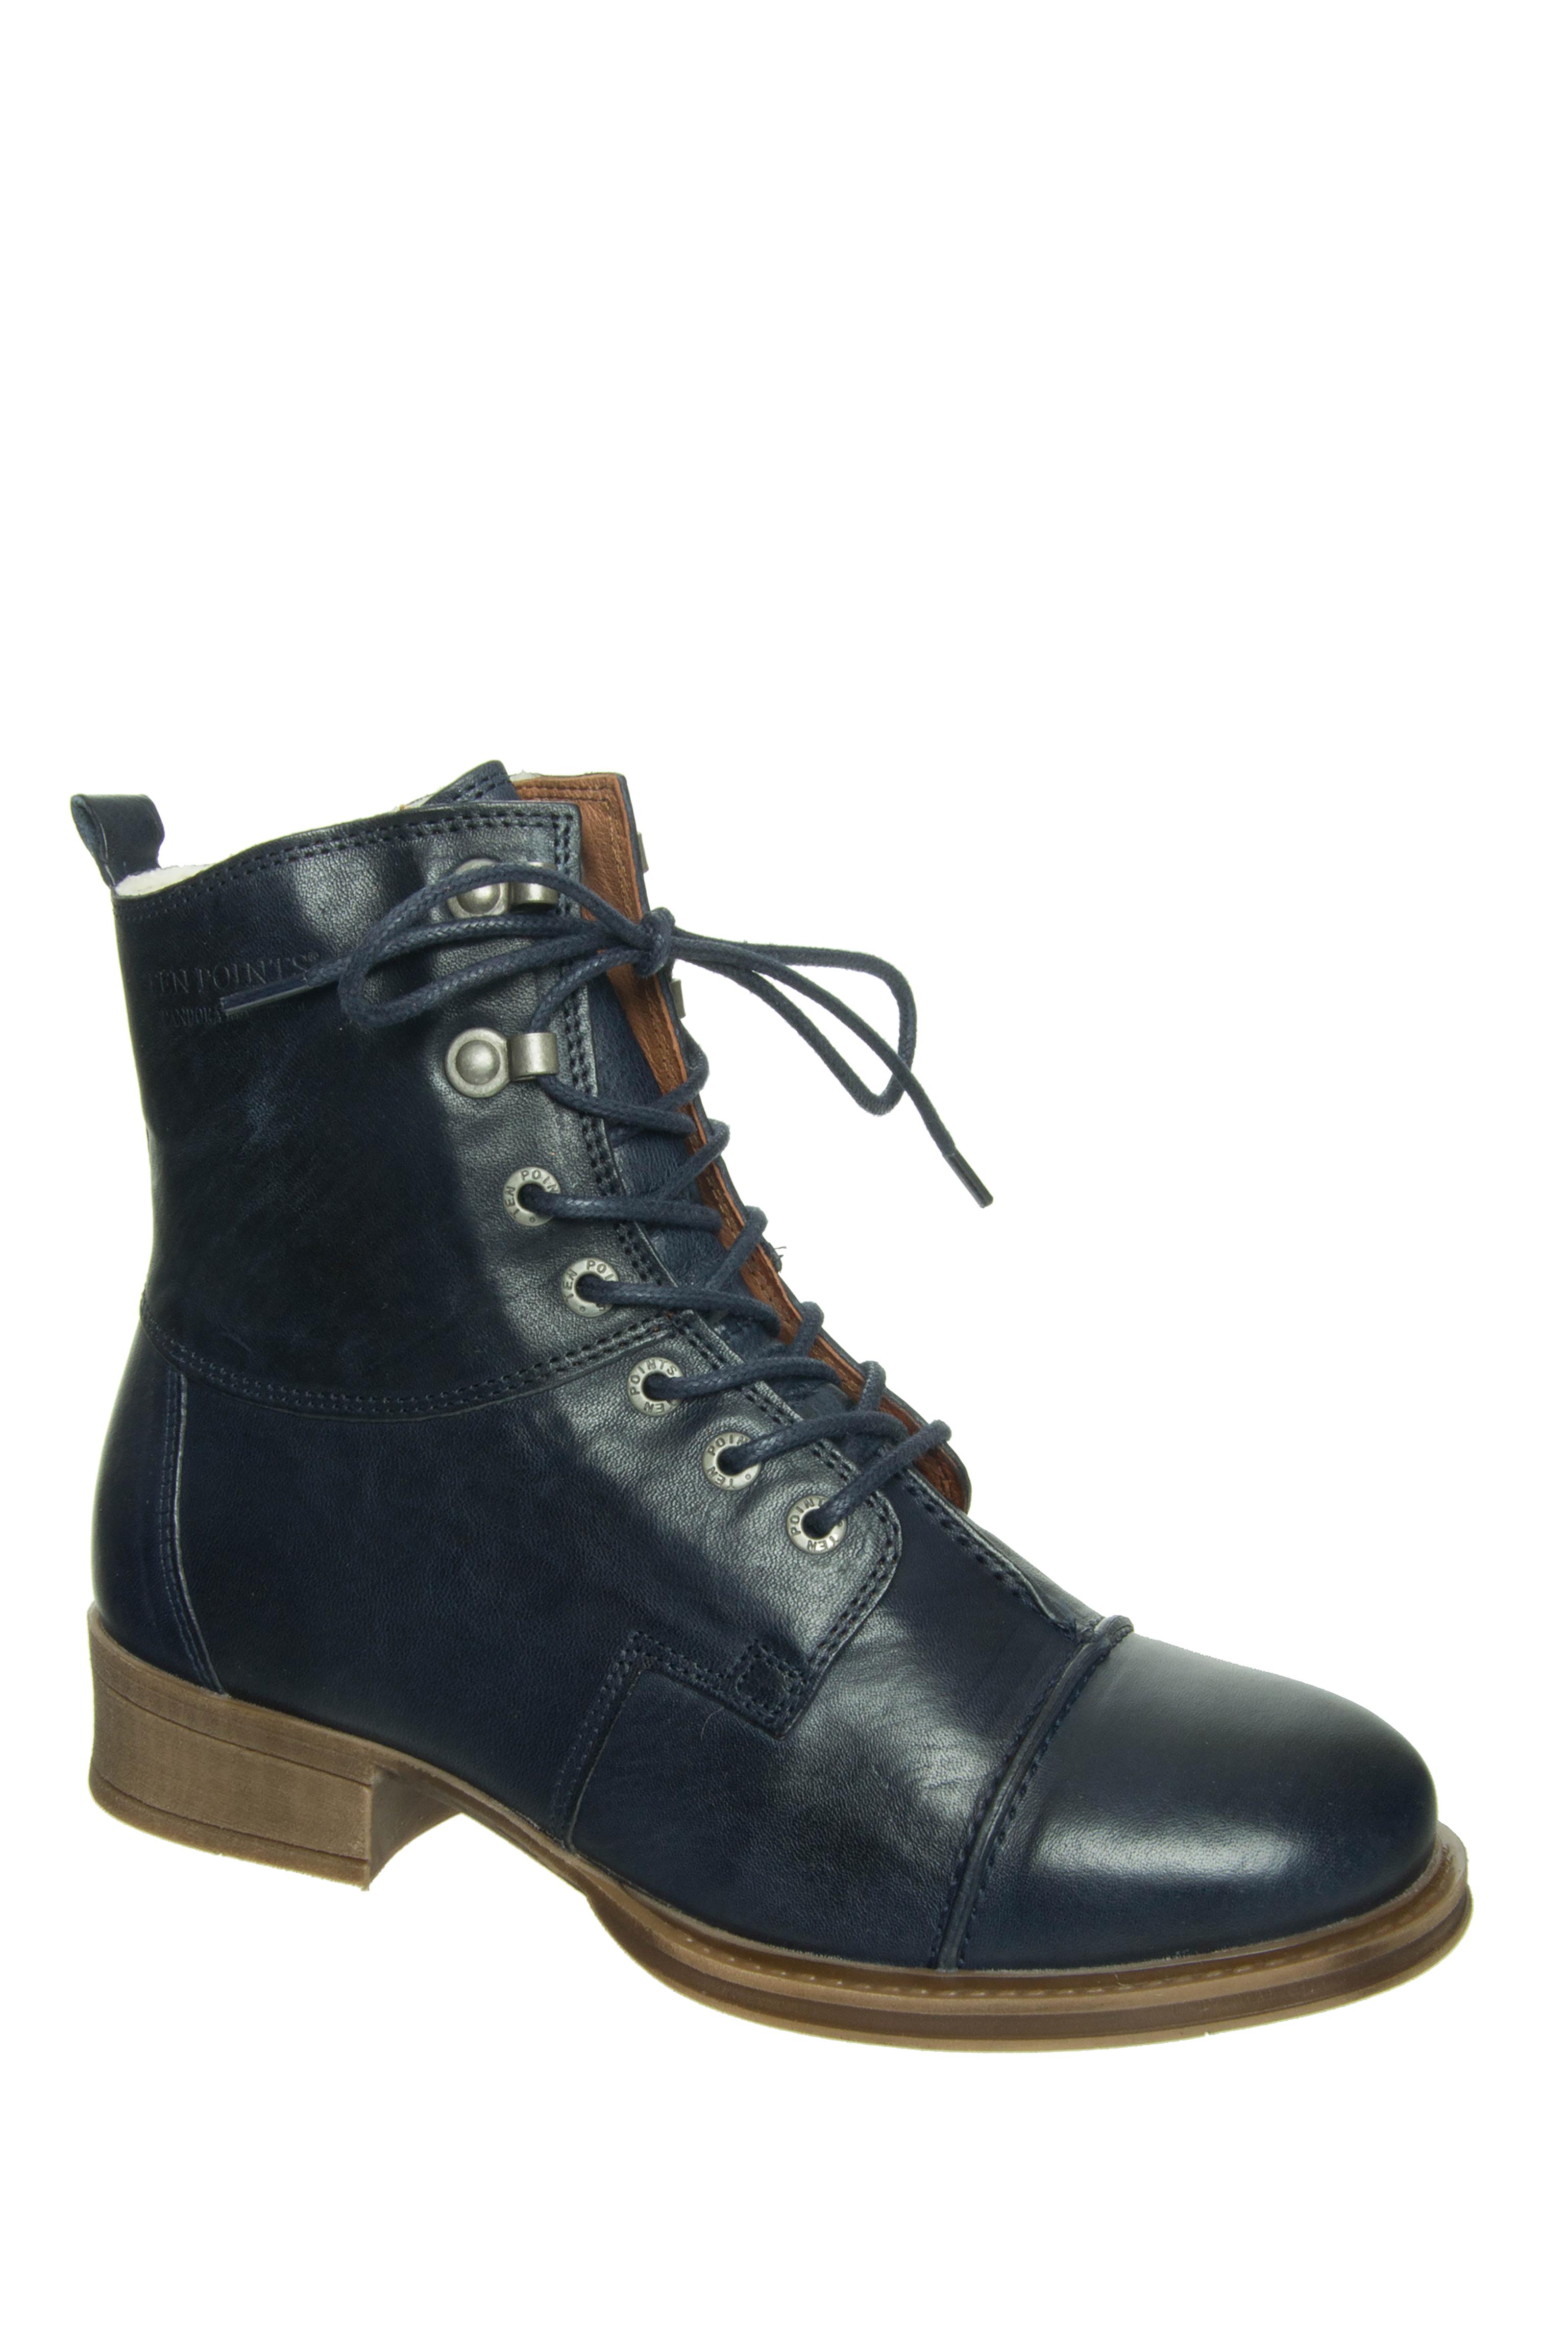 Ten Points Pandora Lined Low Heel Boots - Dark Blue